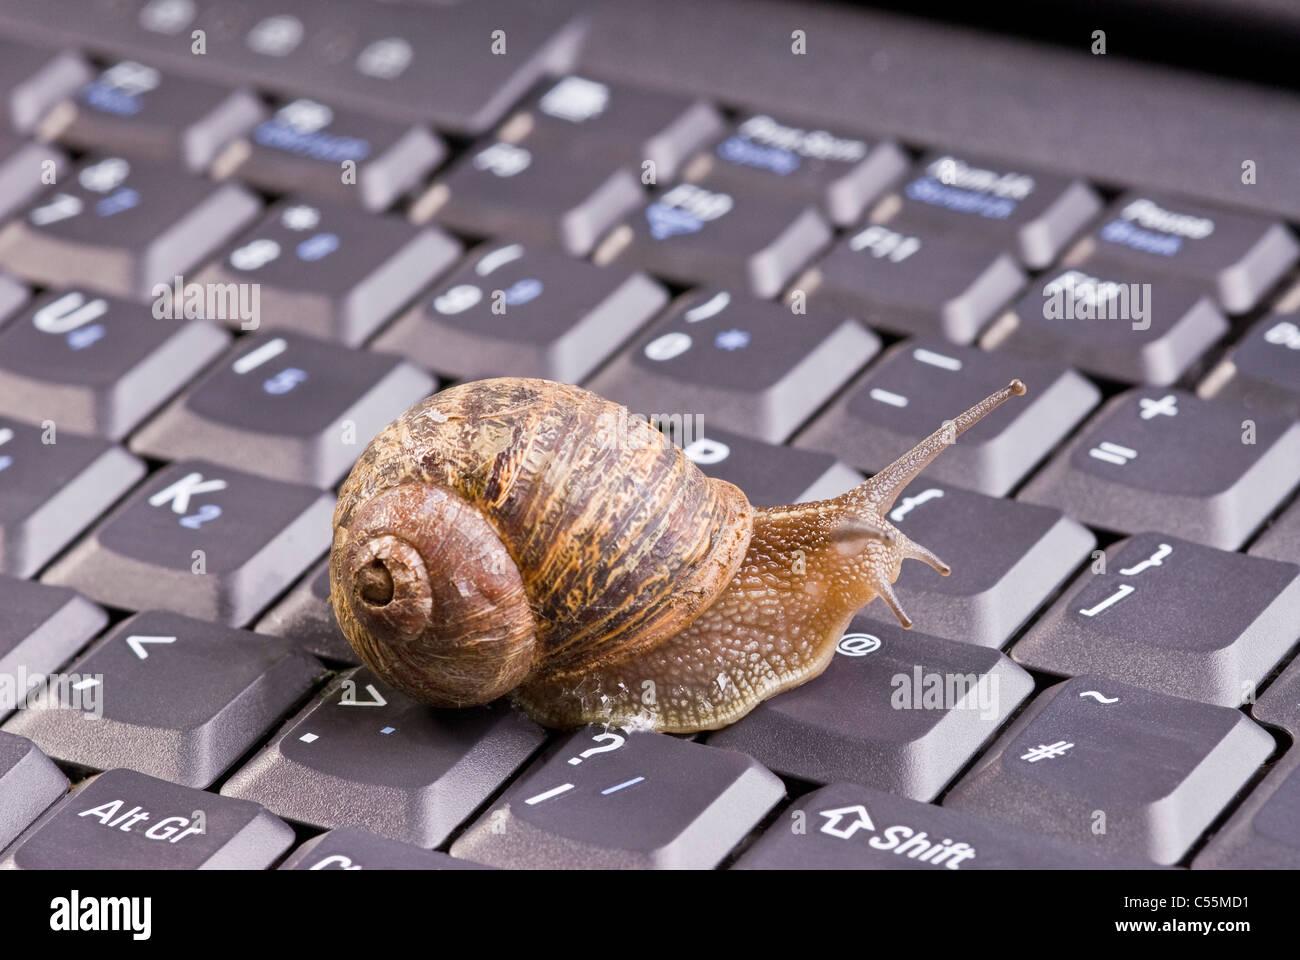 Gemeinsamen braune Schnecke auf Computer-Tastatur. Stockbild